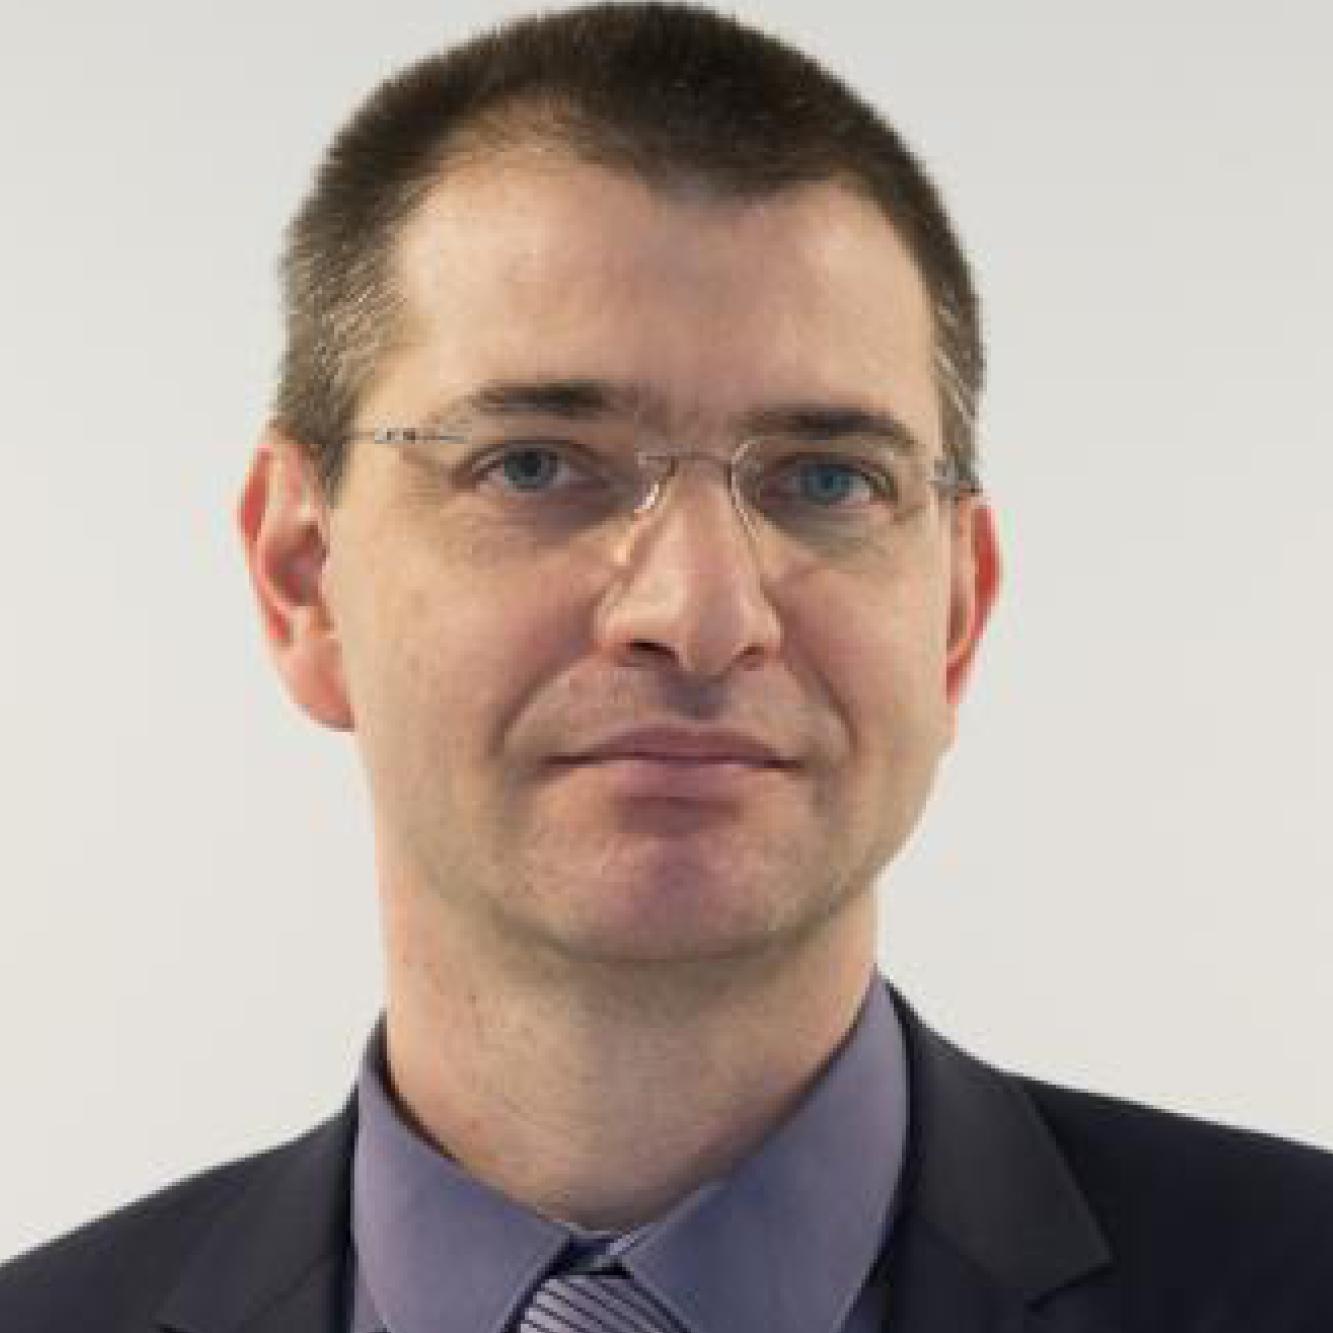 Benoît BRUNOT